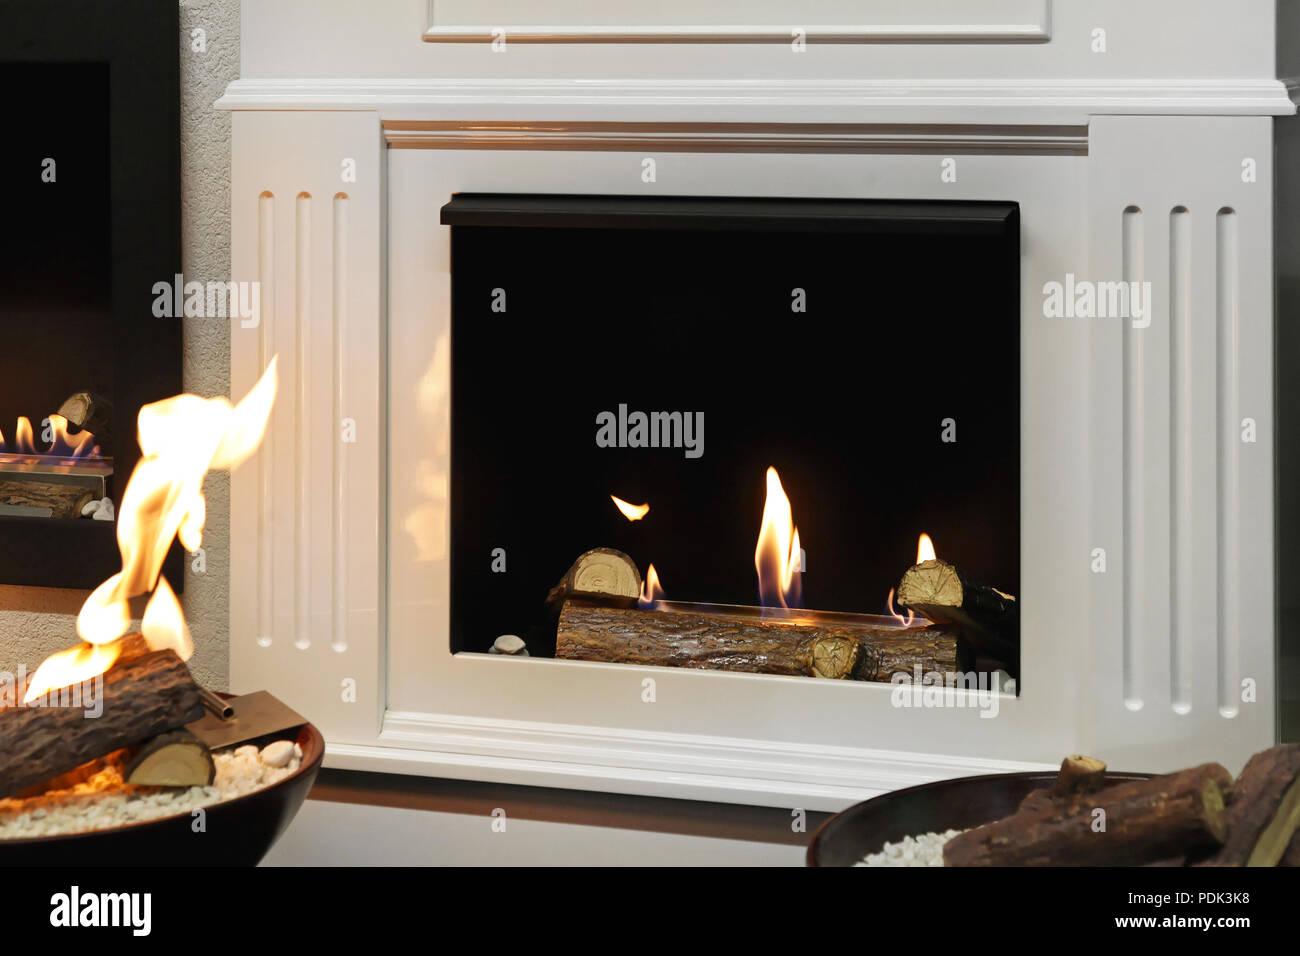 Feuerstelle Kamin Offenes Kaminfeuer Stockfotos Und Bilder Kaufen Alamy